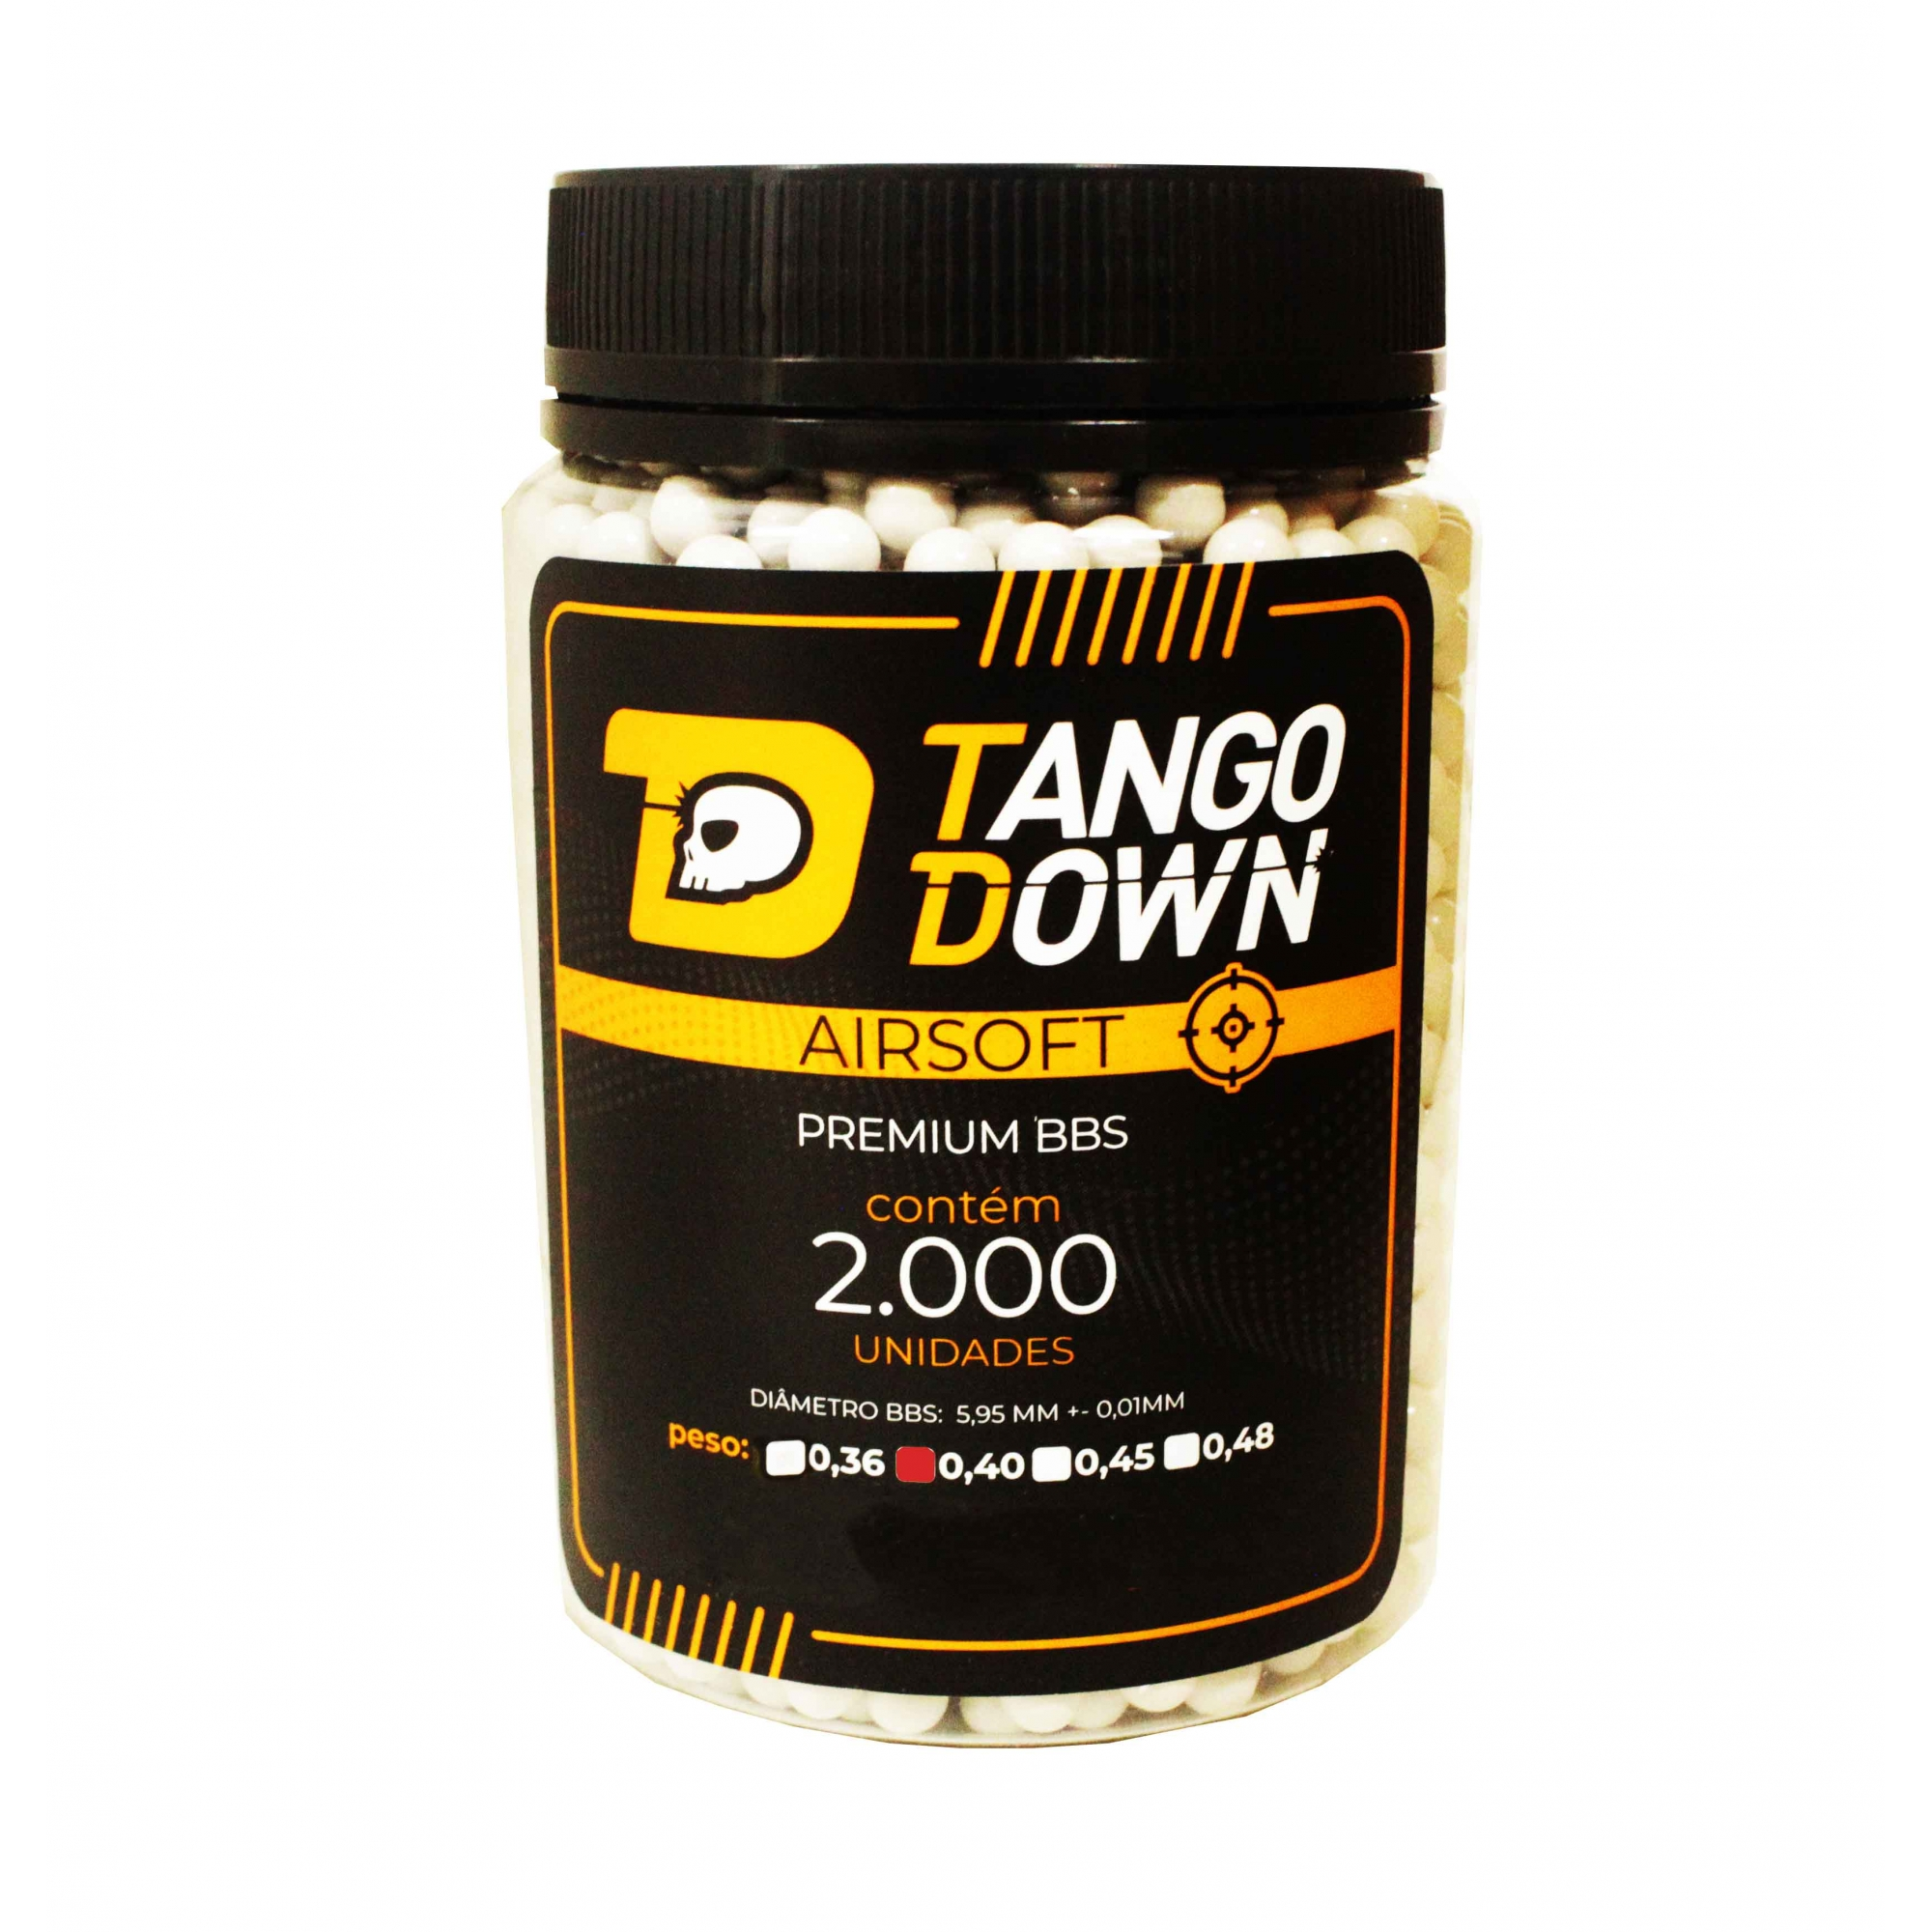 BBS Tango Down 0,40 com 2000 Unidades